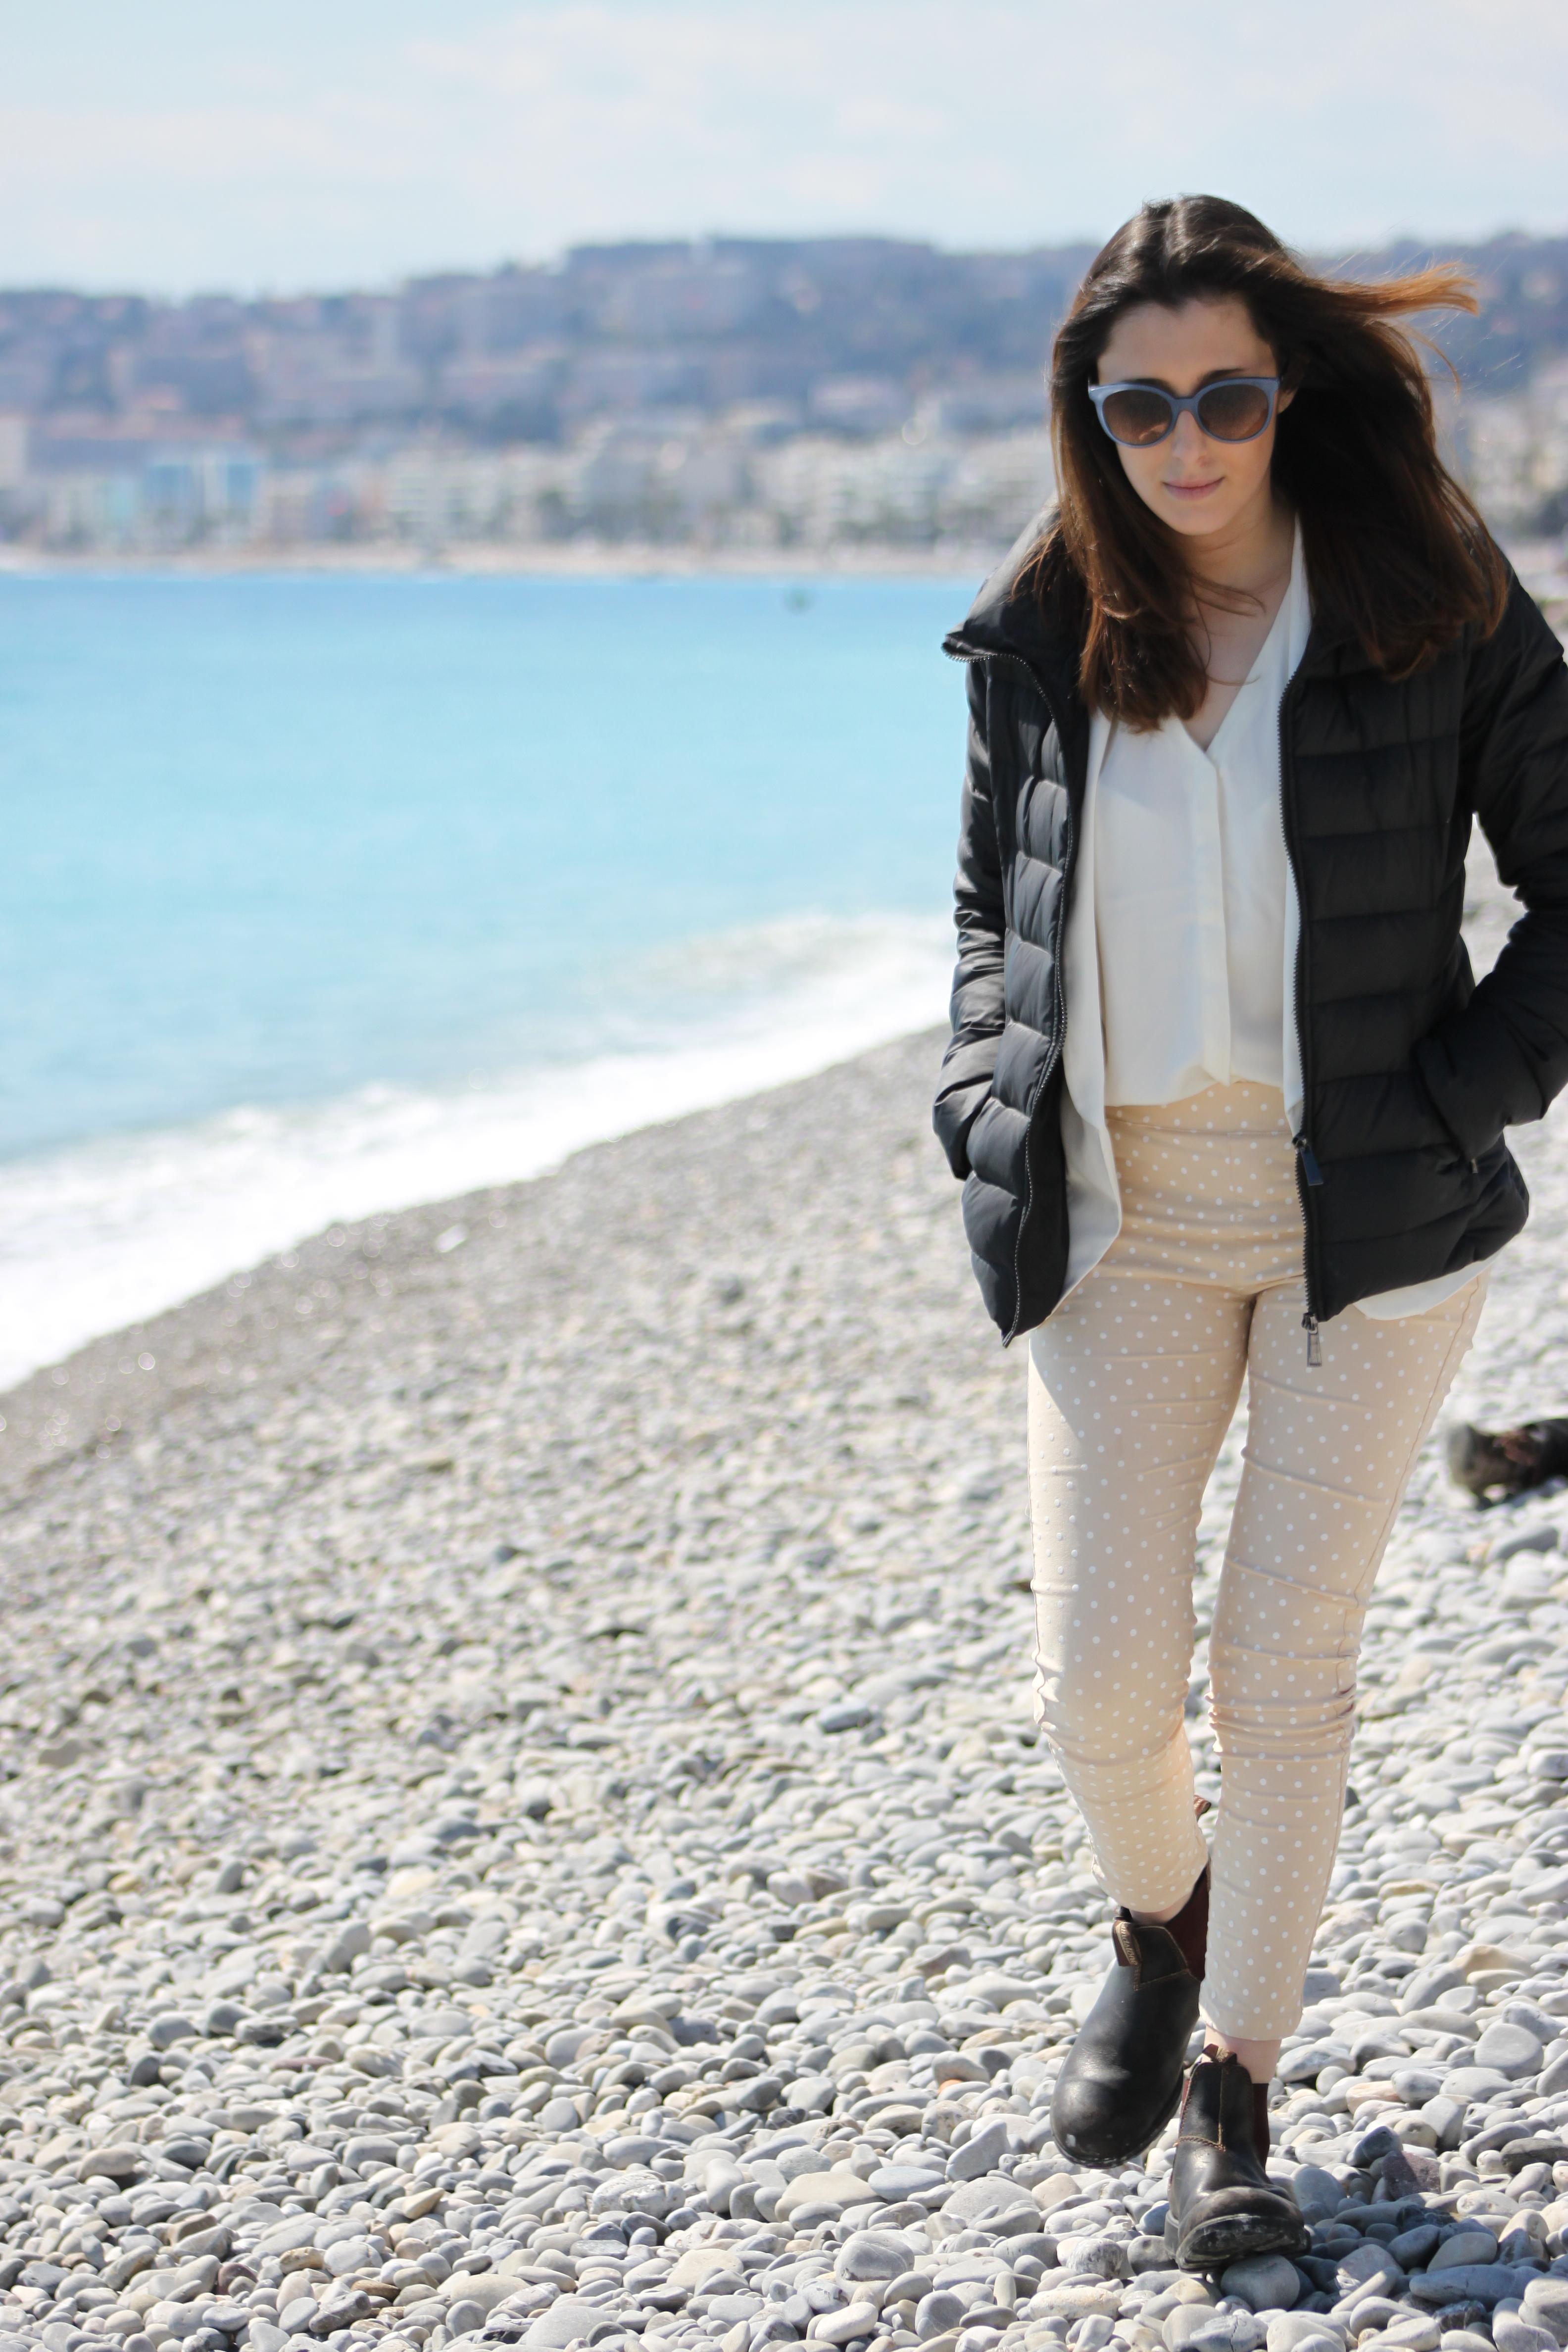 Sara a Nizza di #viaggiareapois